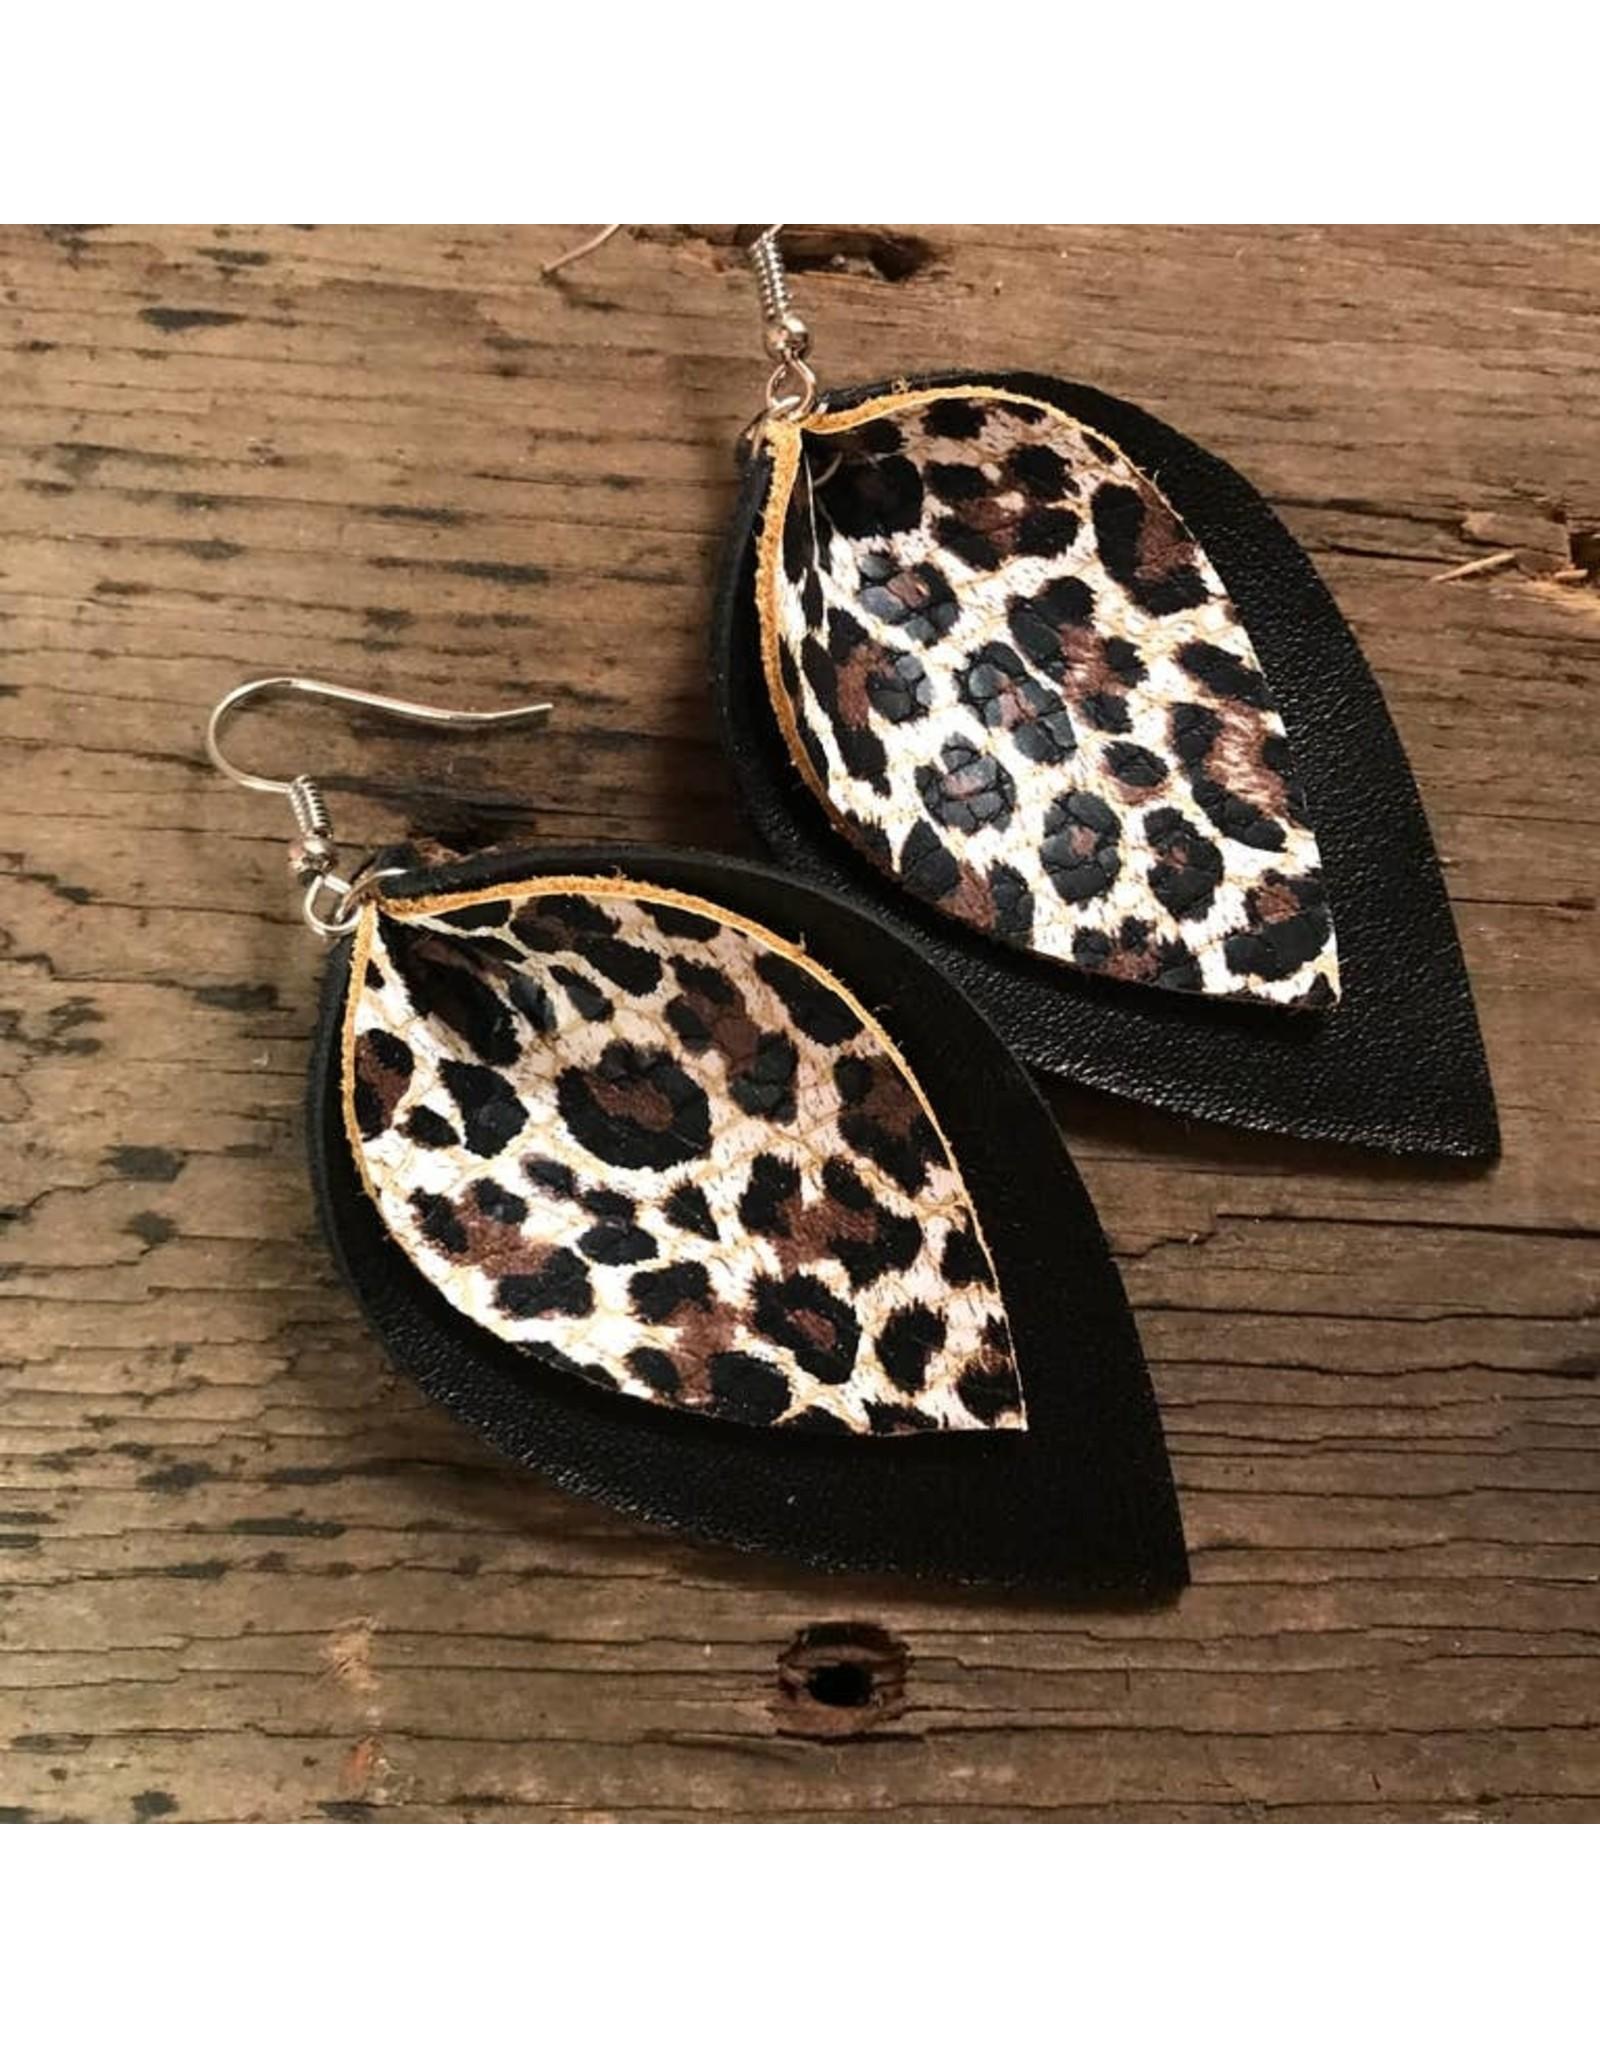 Jill's Jewels E/R- Black/Leopard Leather